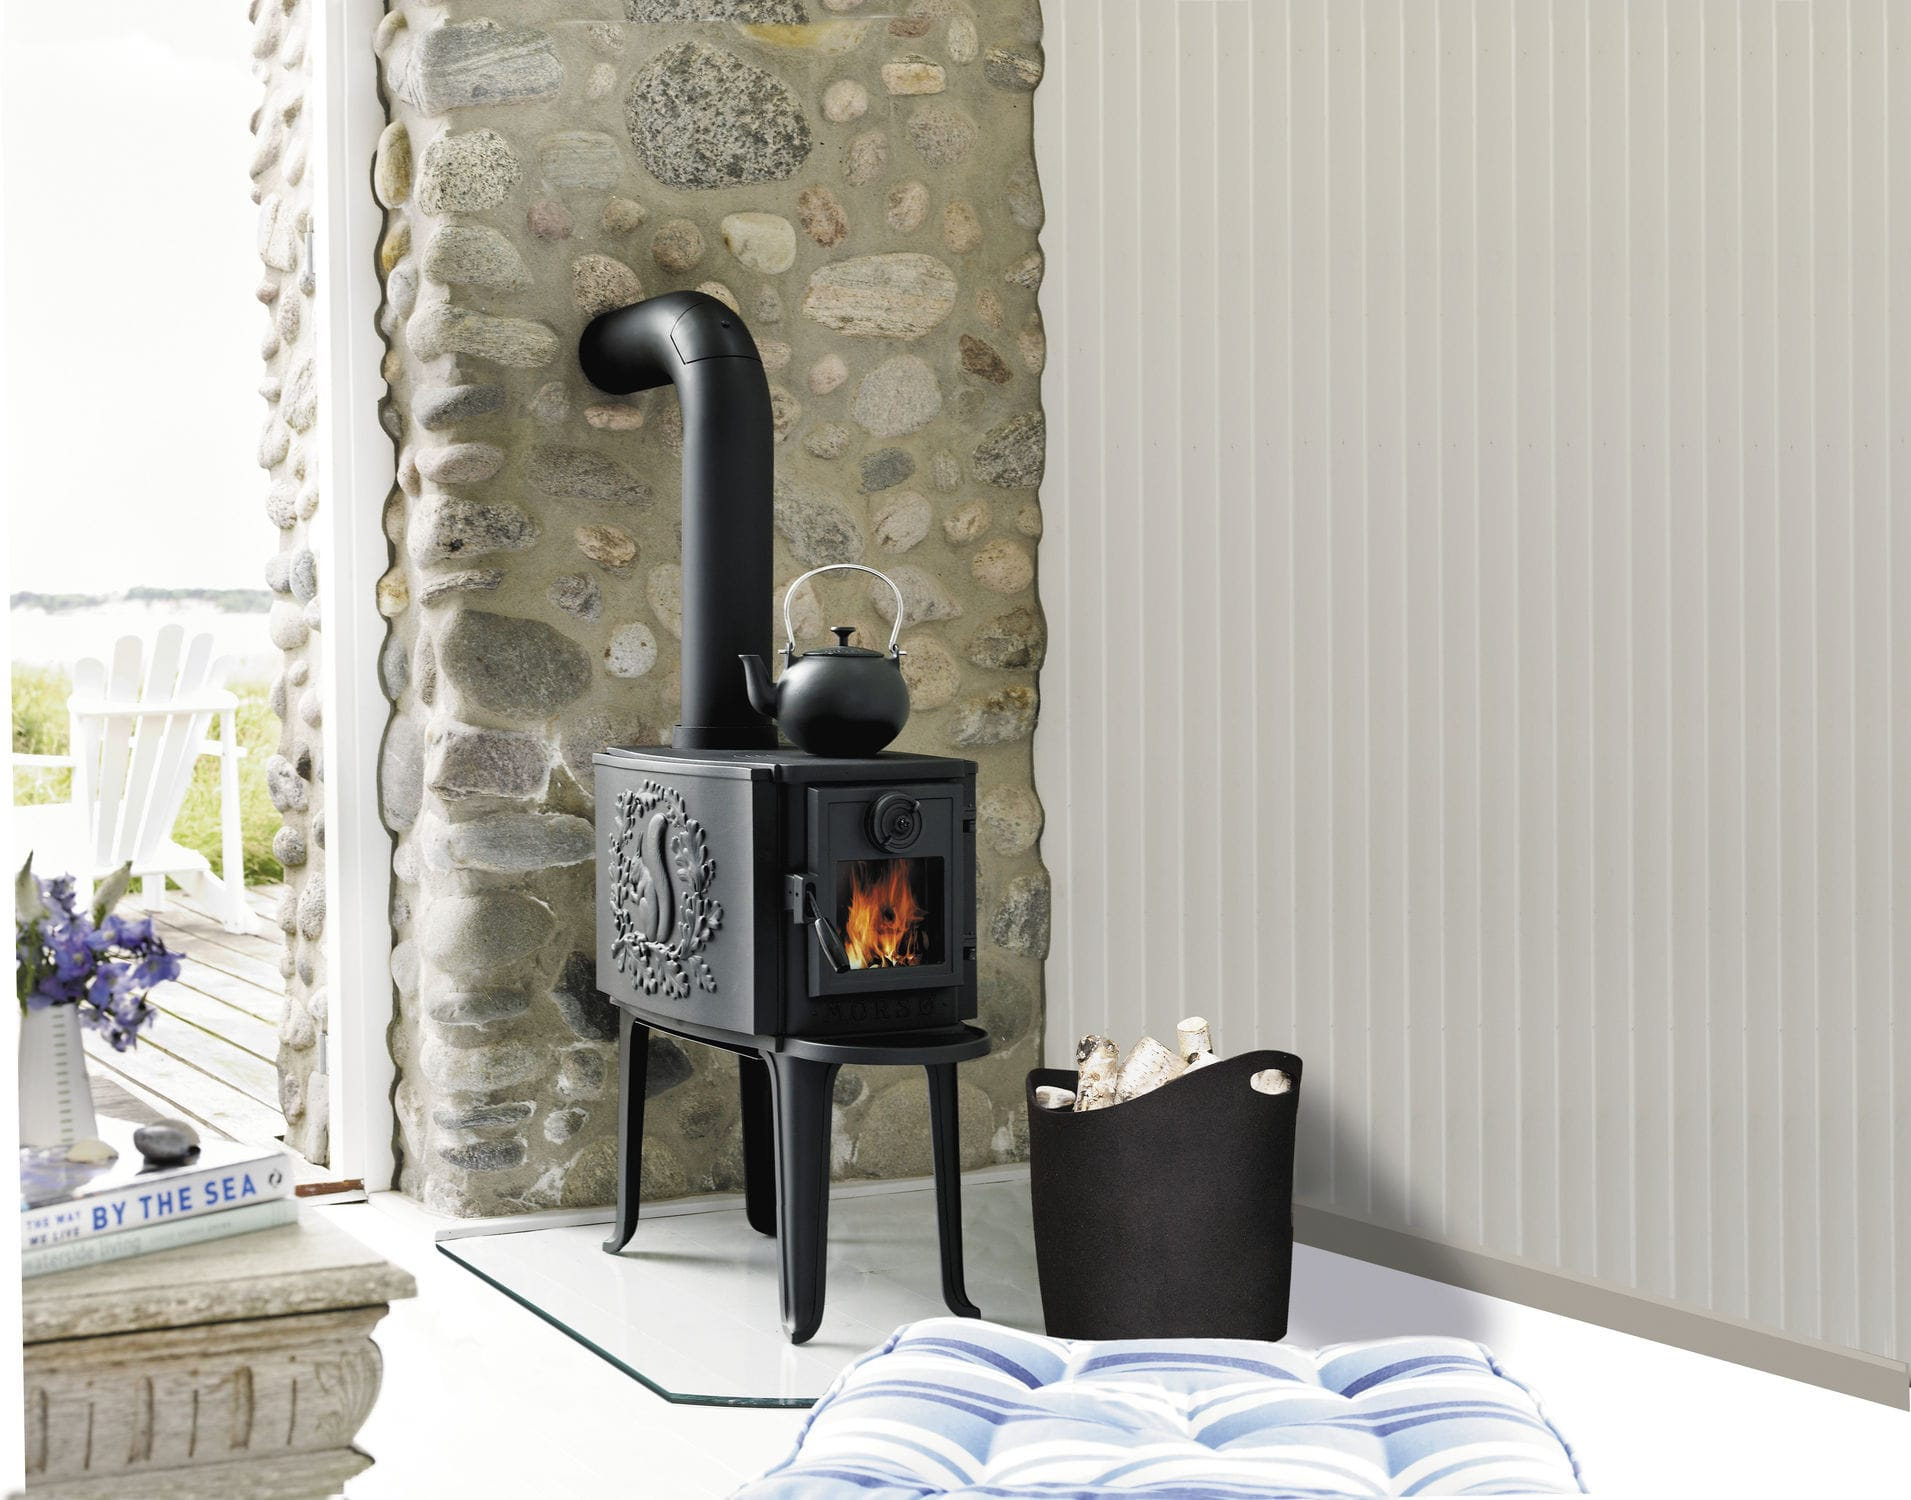 vitre de poele a bois comment remplacer une vitre de po. Black Bedroom Furniture Sets. Home Design Ideas